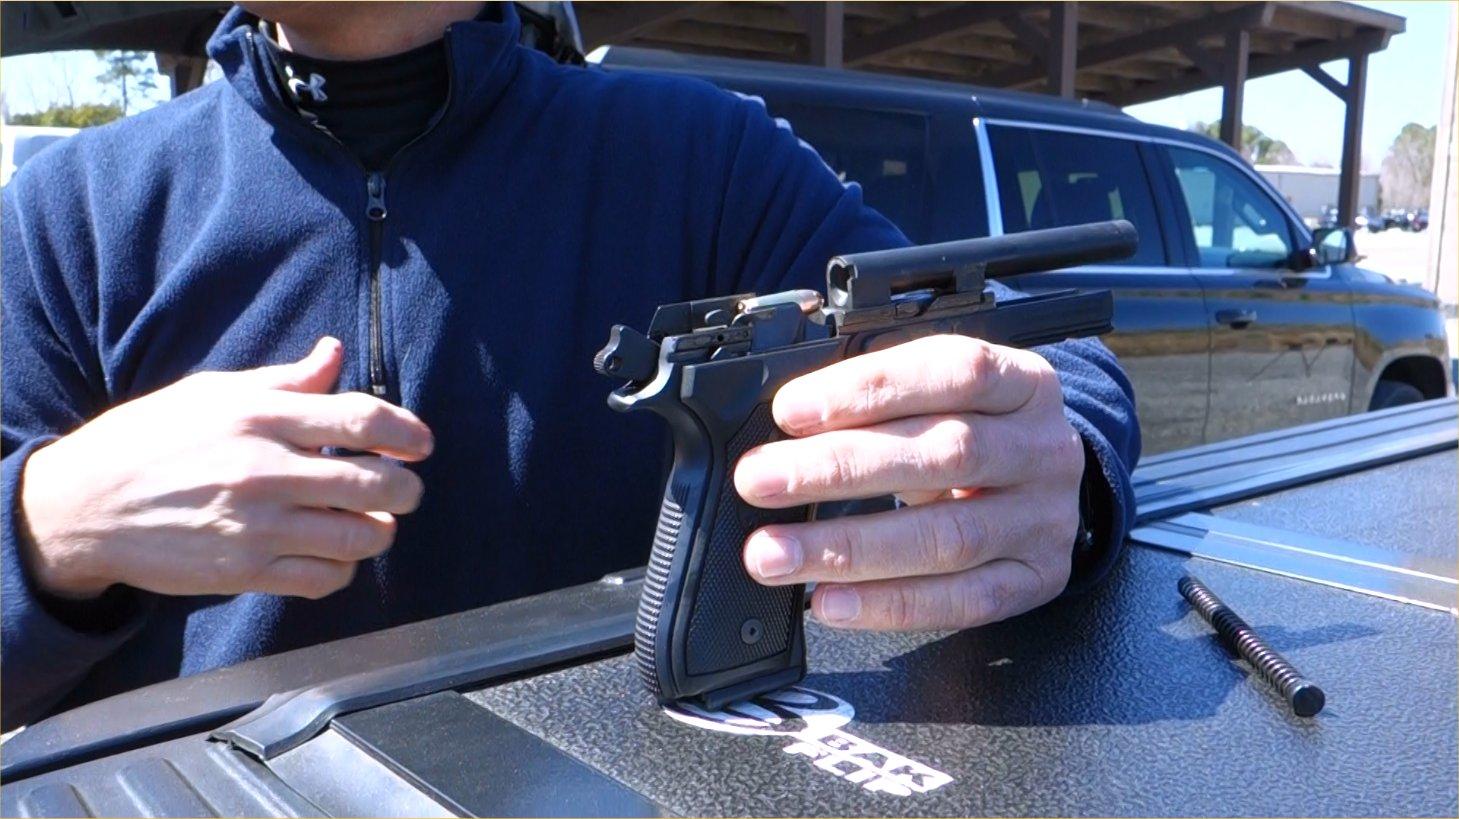 Beretta M9A3/92FS/92G 9mm Combat/Tactical Pistol at Beretta